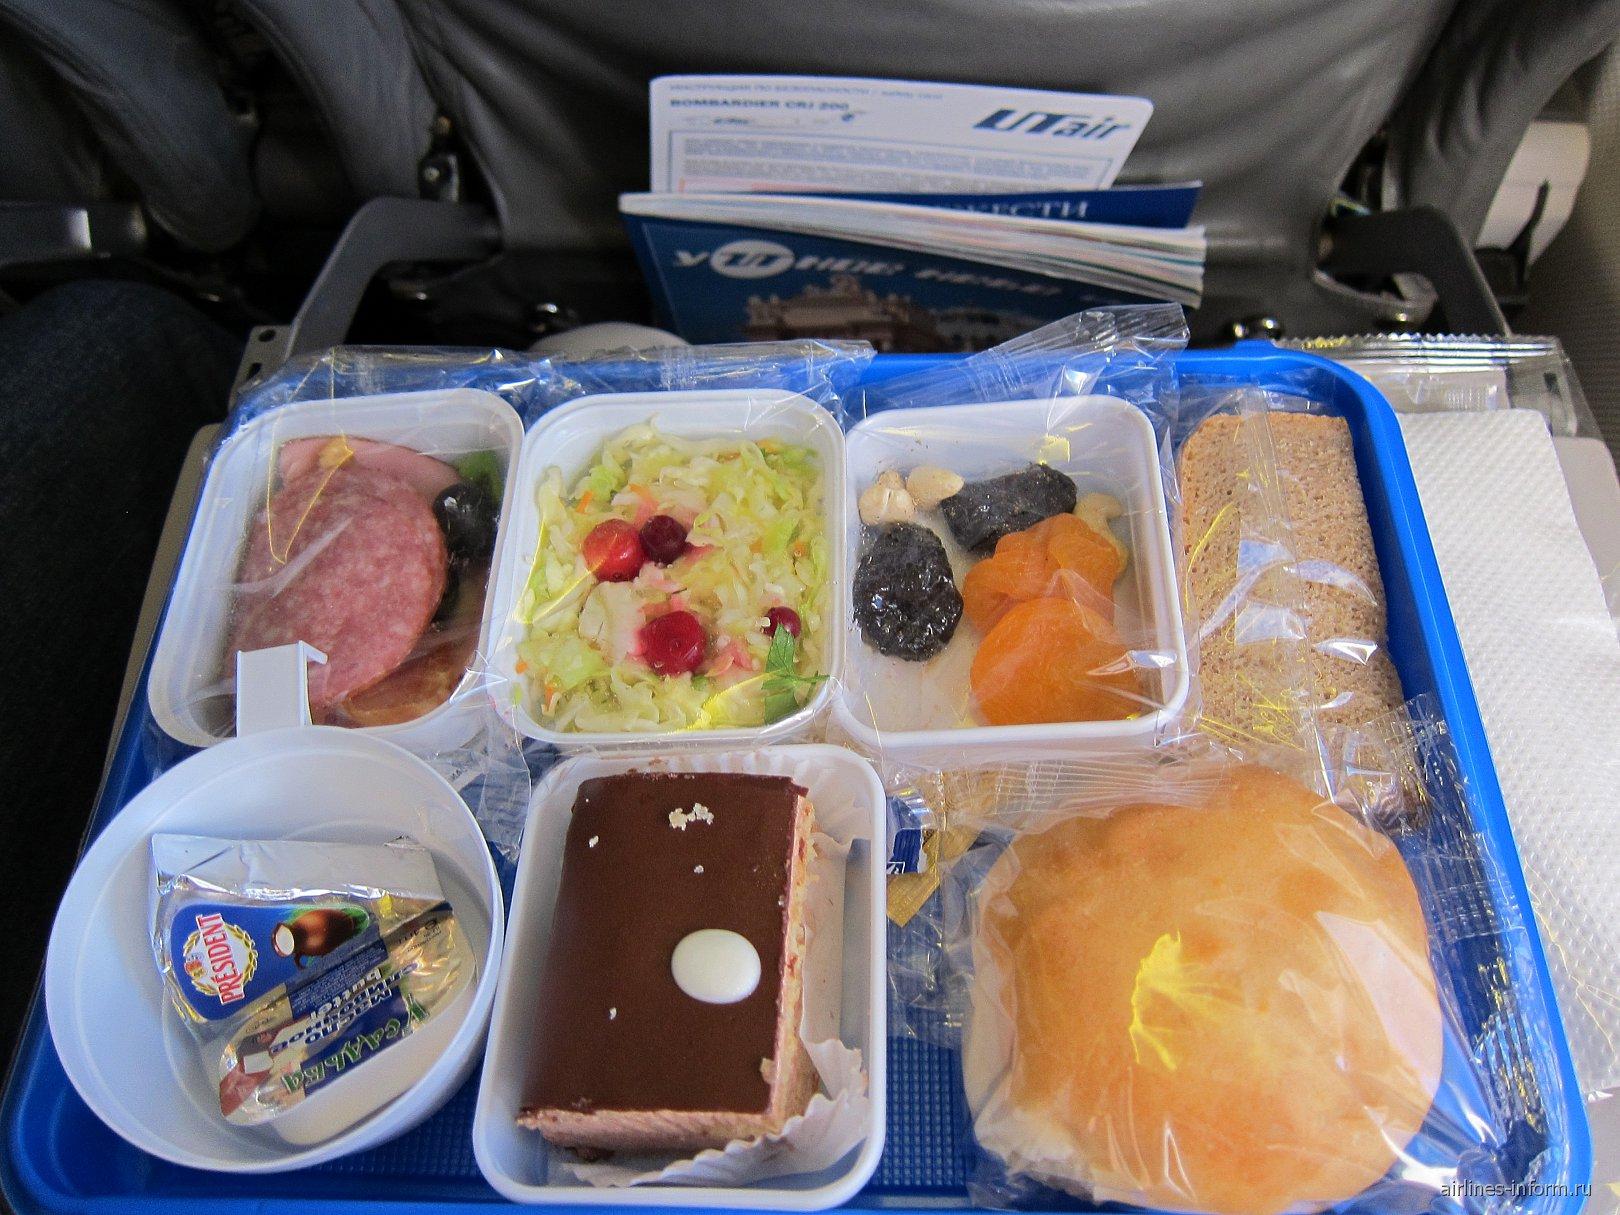 Питание на рейсе ЮТэйр Москва-Таллинн